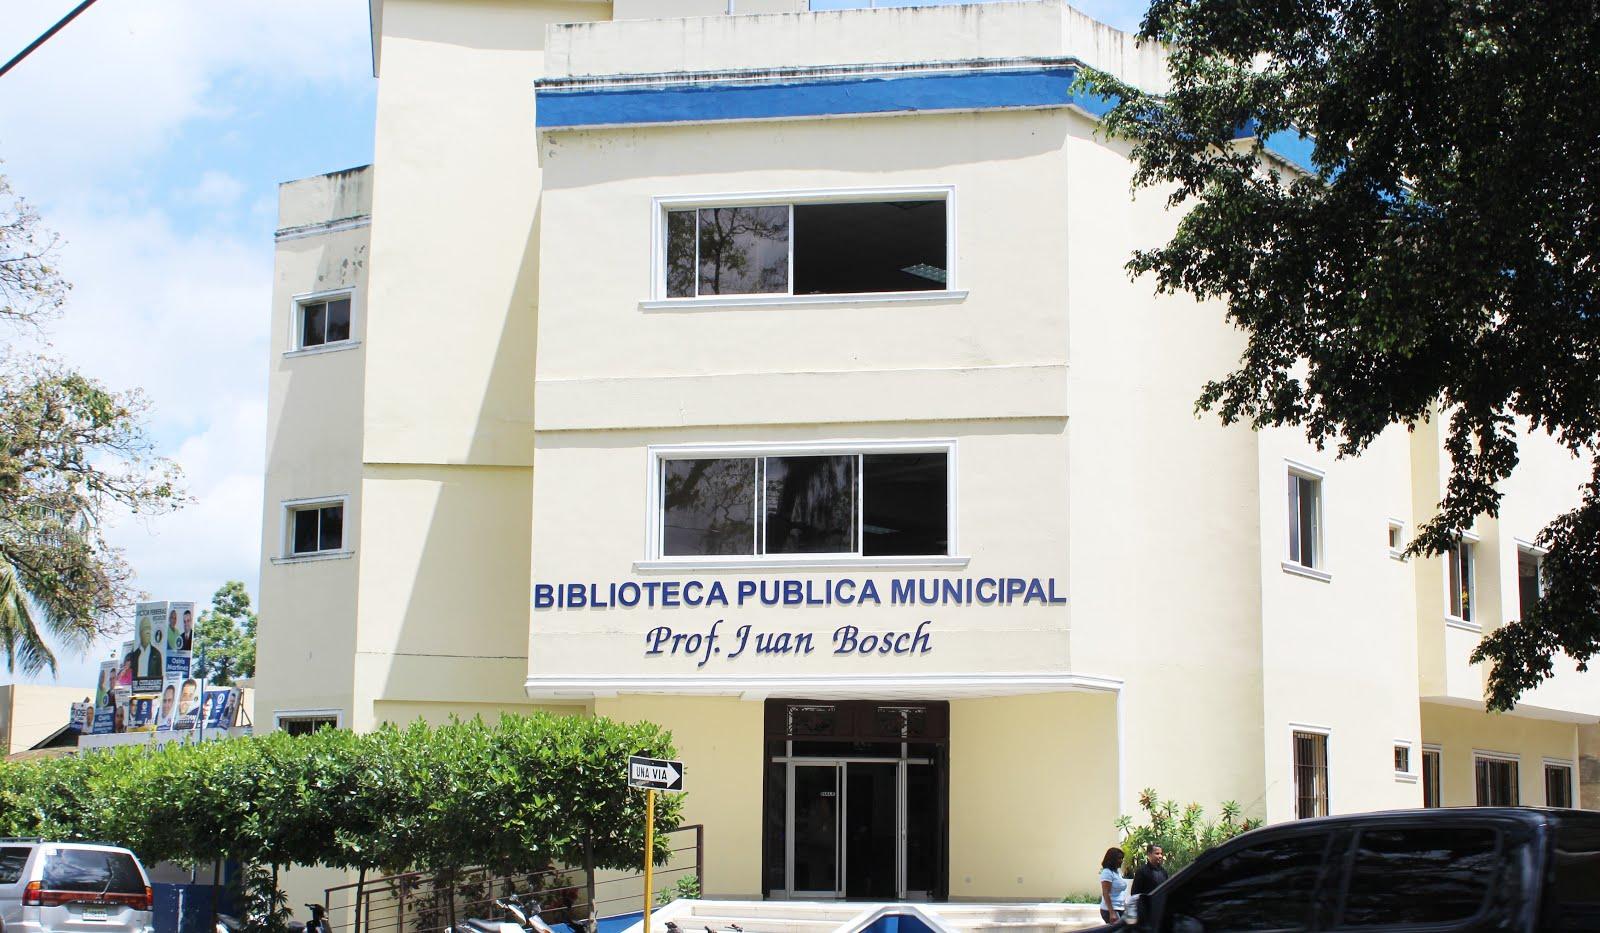 BIBLIOTECA MUNICIPAL DE BONAO